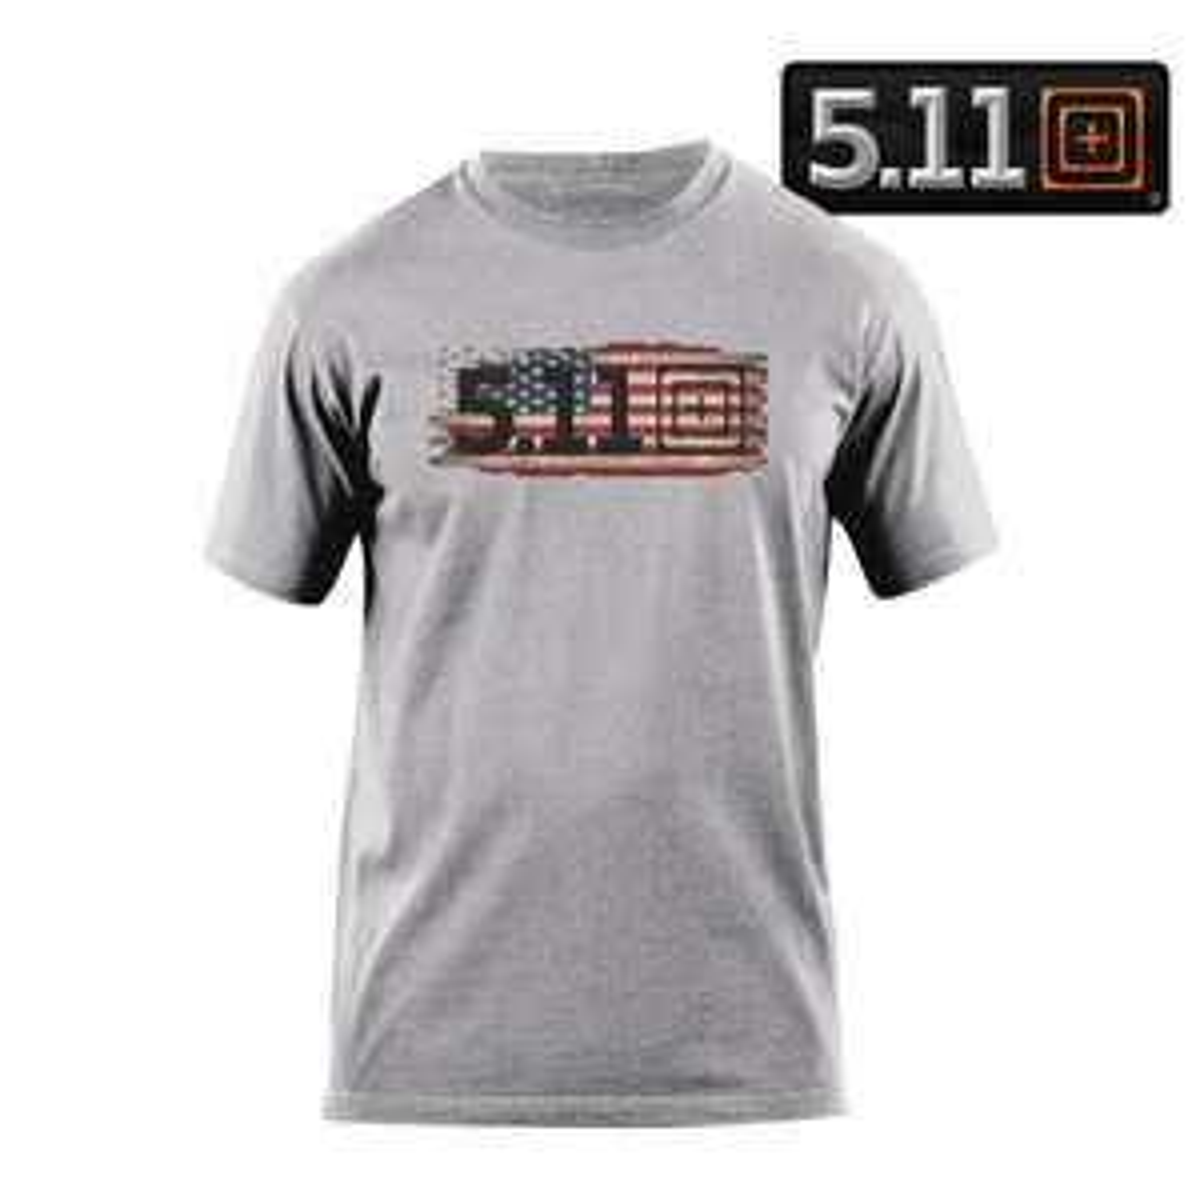 Jusqu'à -70% de réduction sur une sélection d'articles - Ex: T-Shirt 5.11 Old Glory Logo